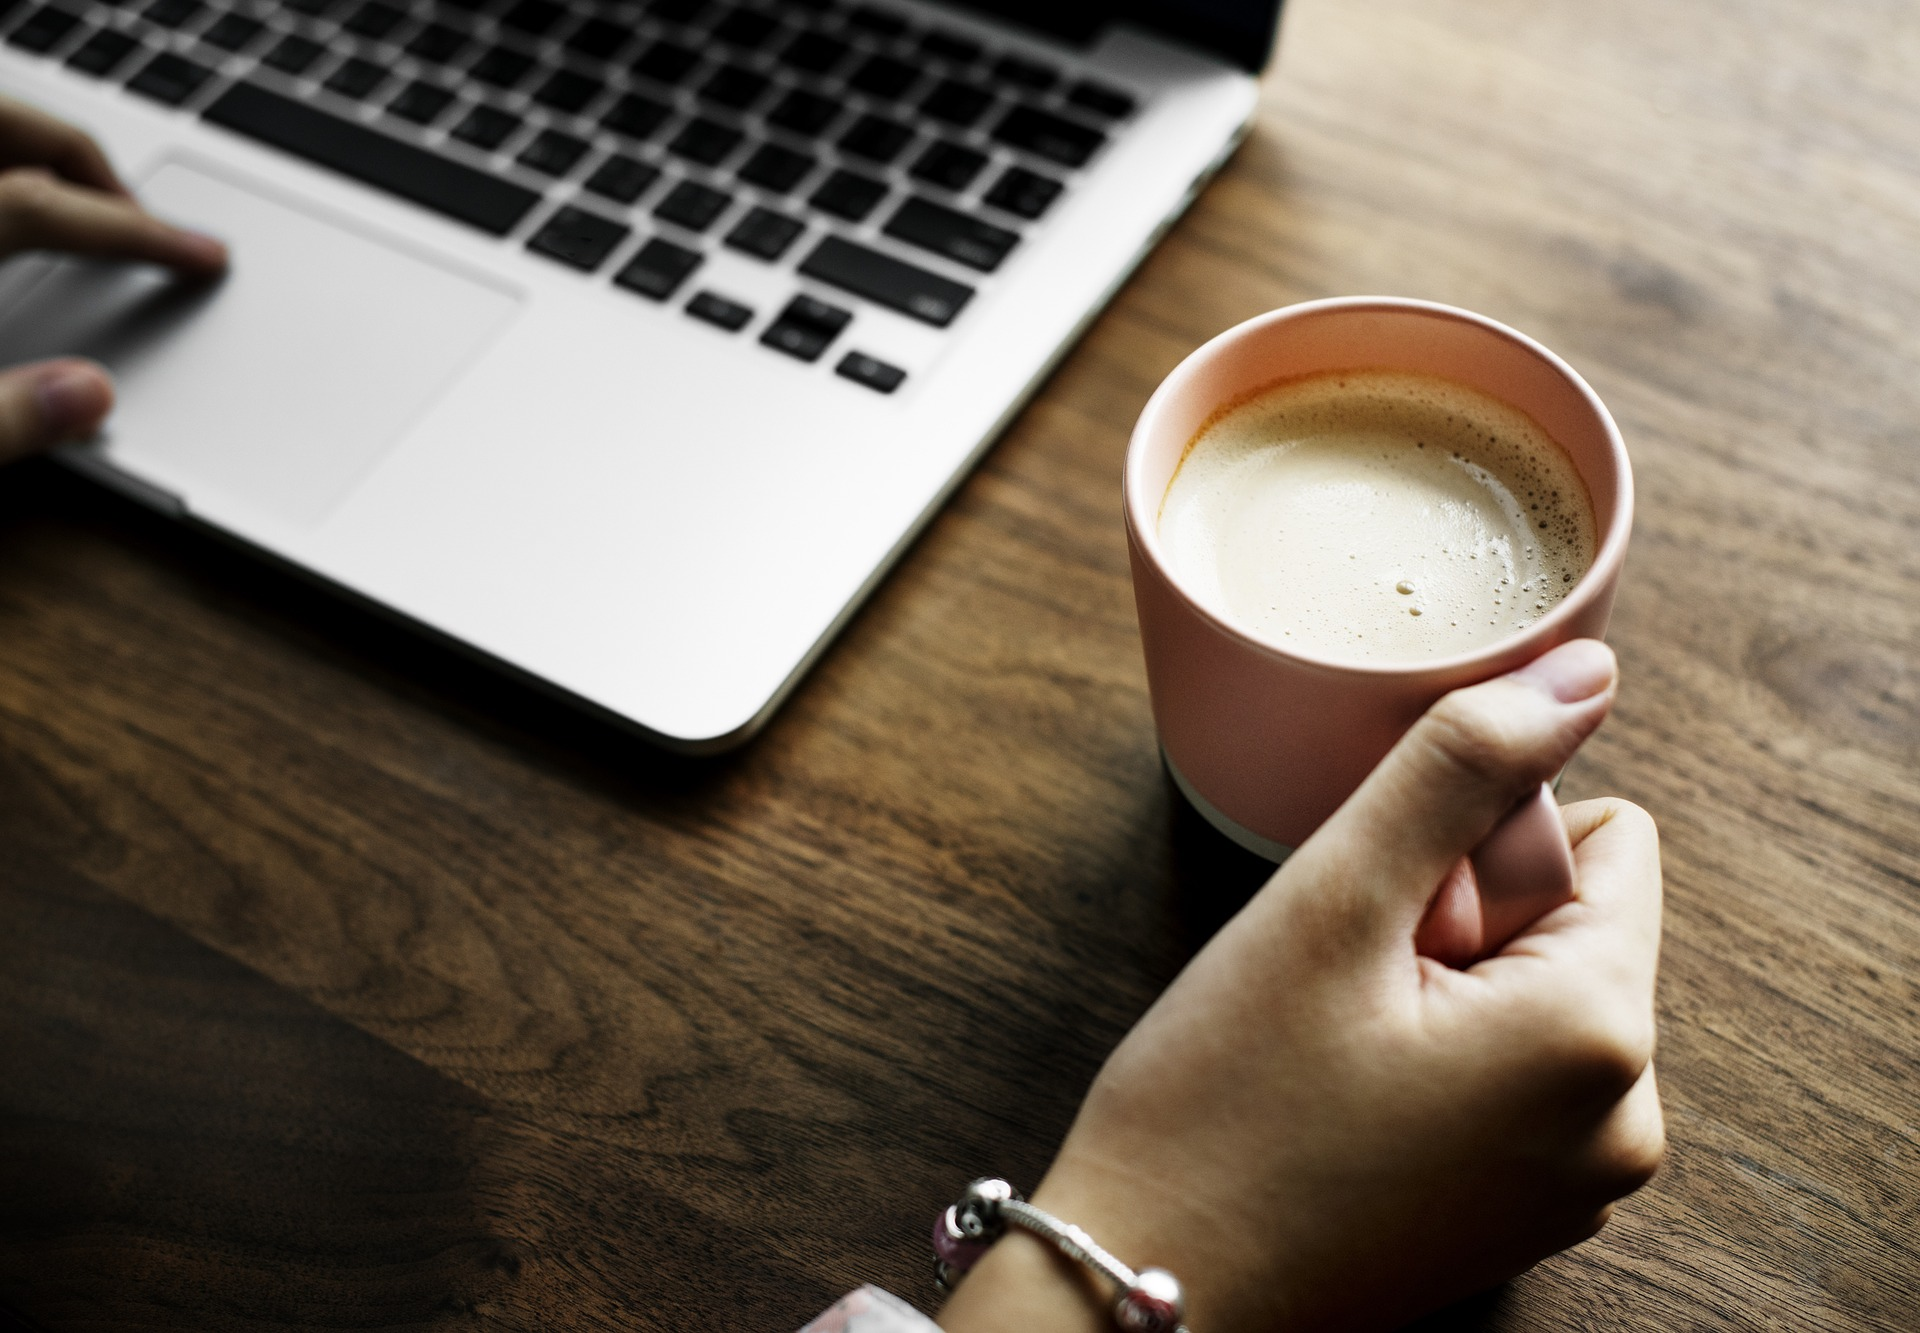 Coffe-in-hand.jpg